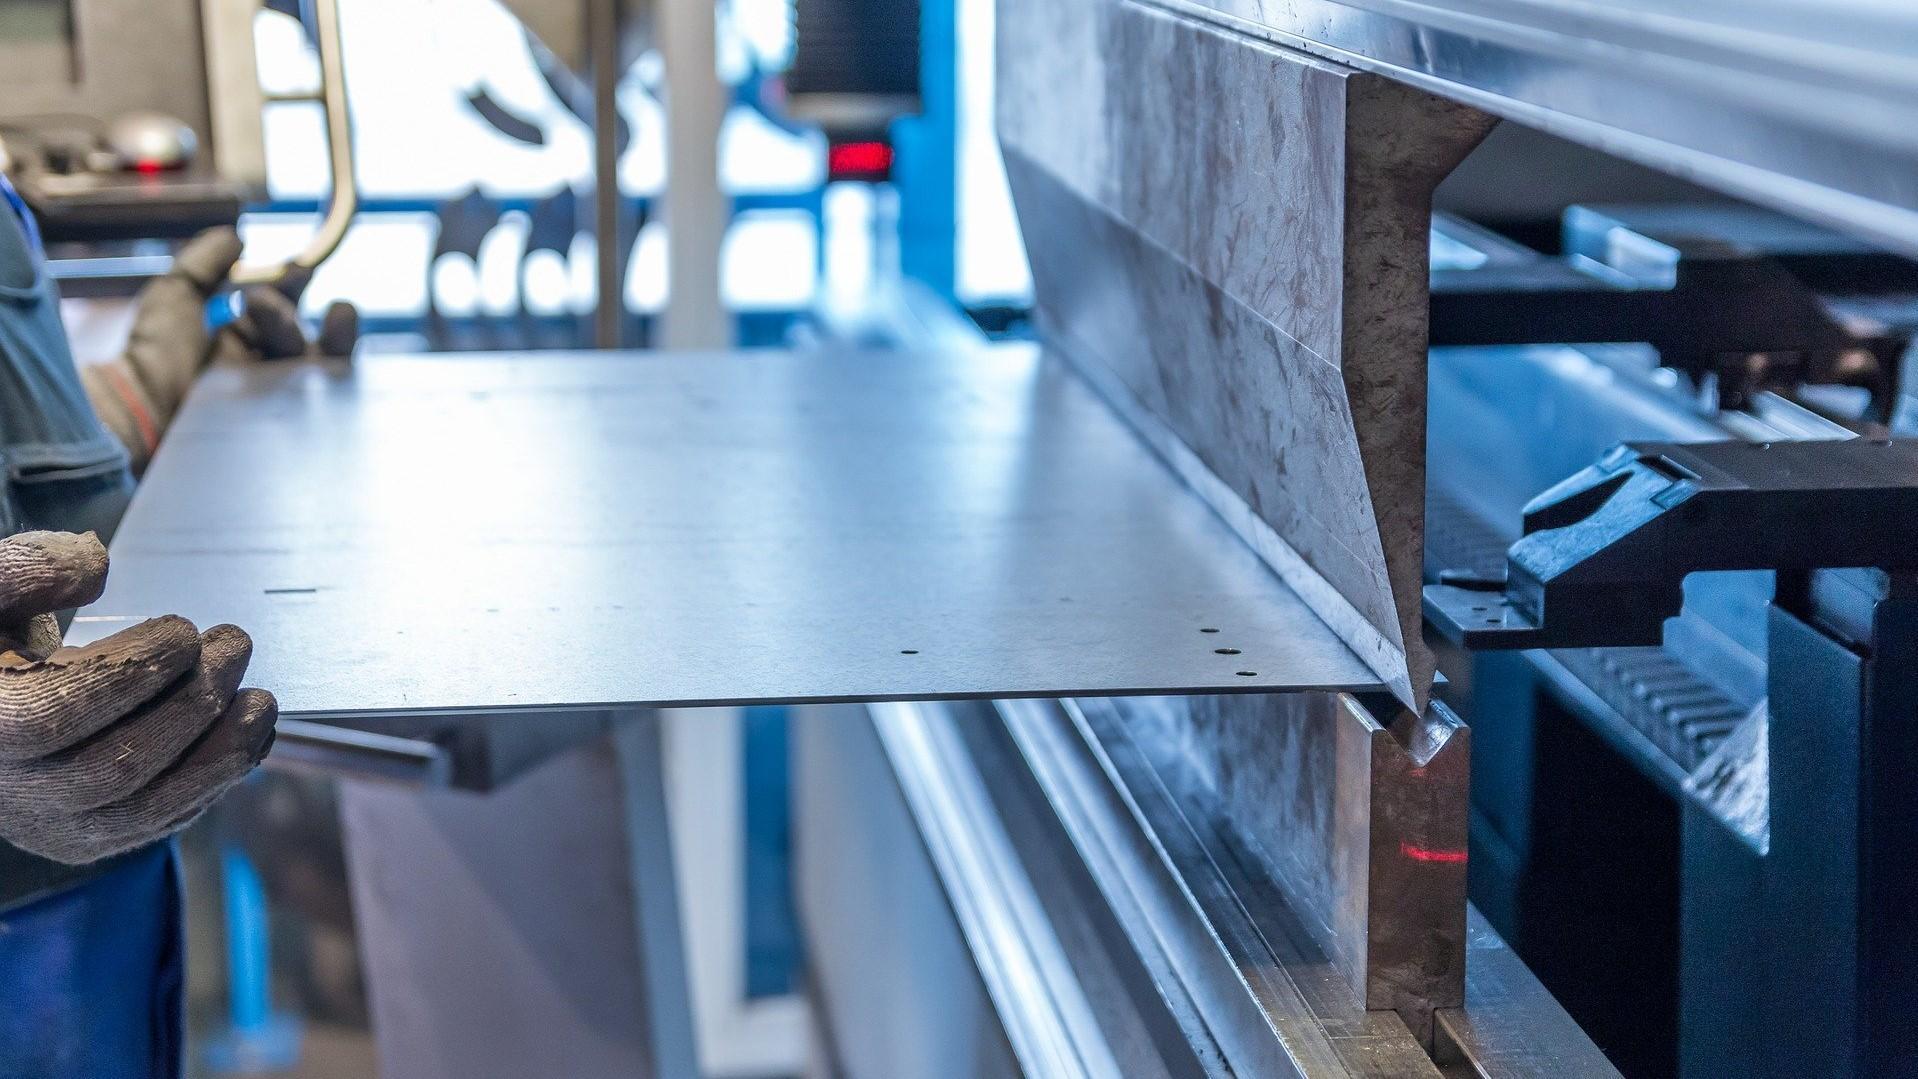 Zu Sachanlagen zählen Maschinen, die zur Produktion benötigt werden